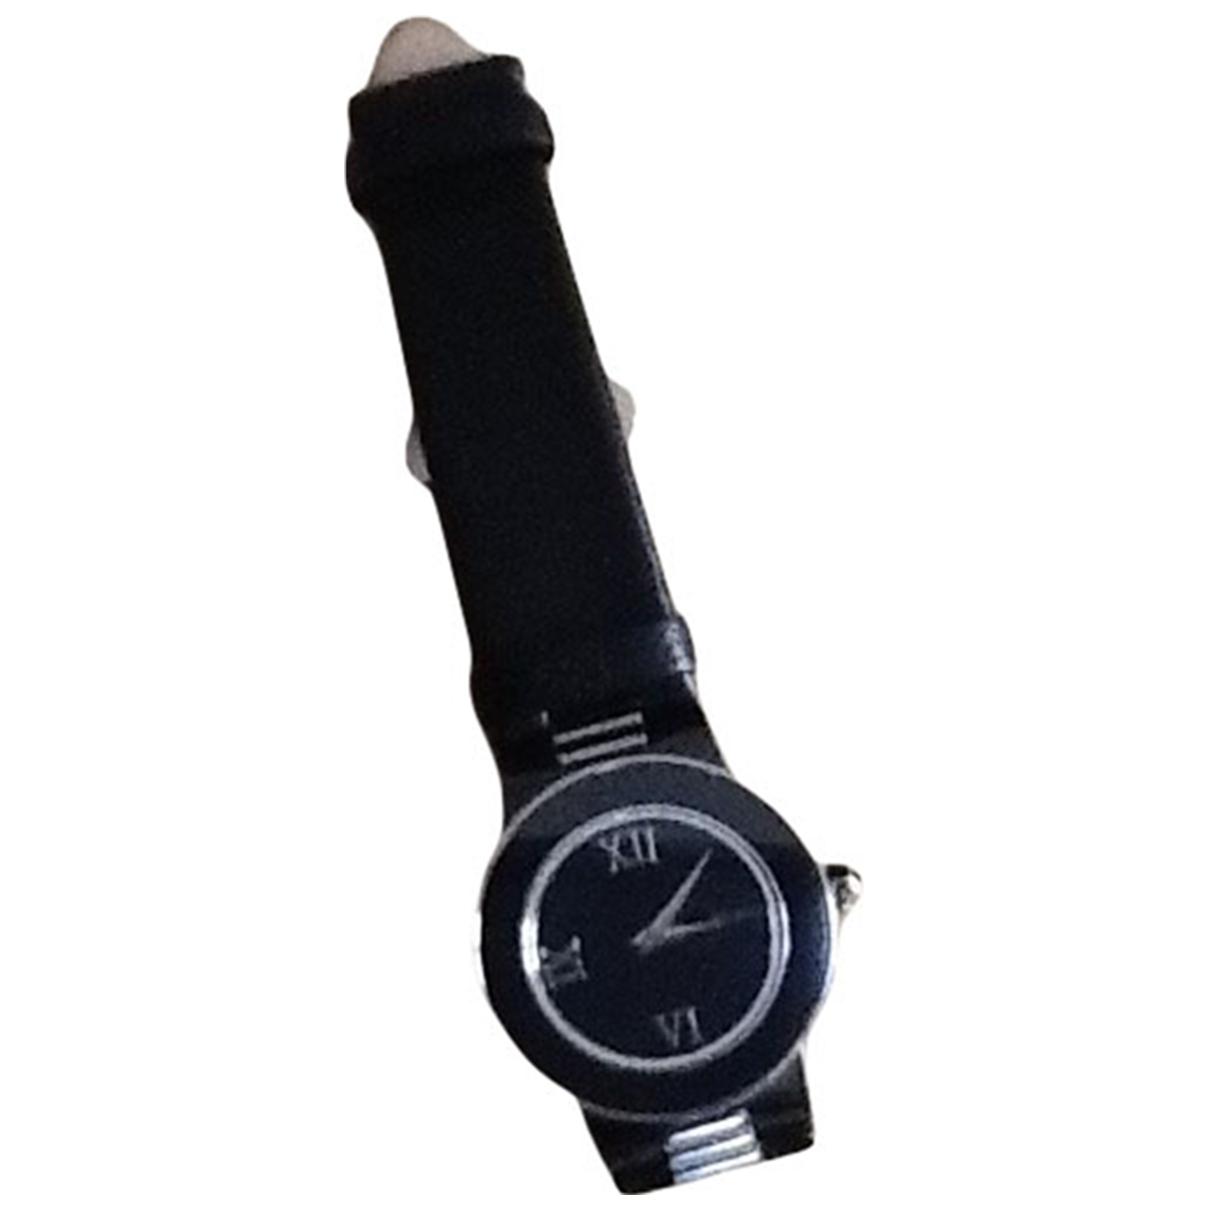 Mauboussin \N Uhr in  Schwarz Stahl